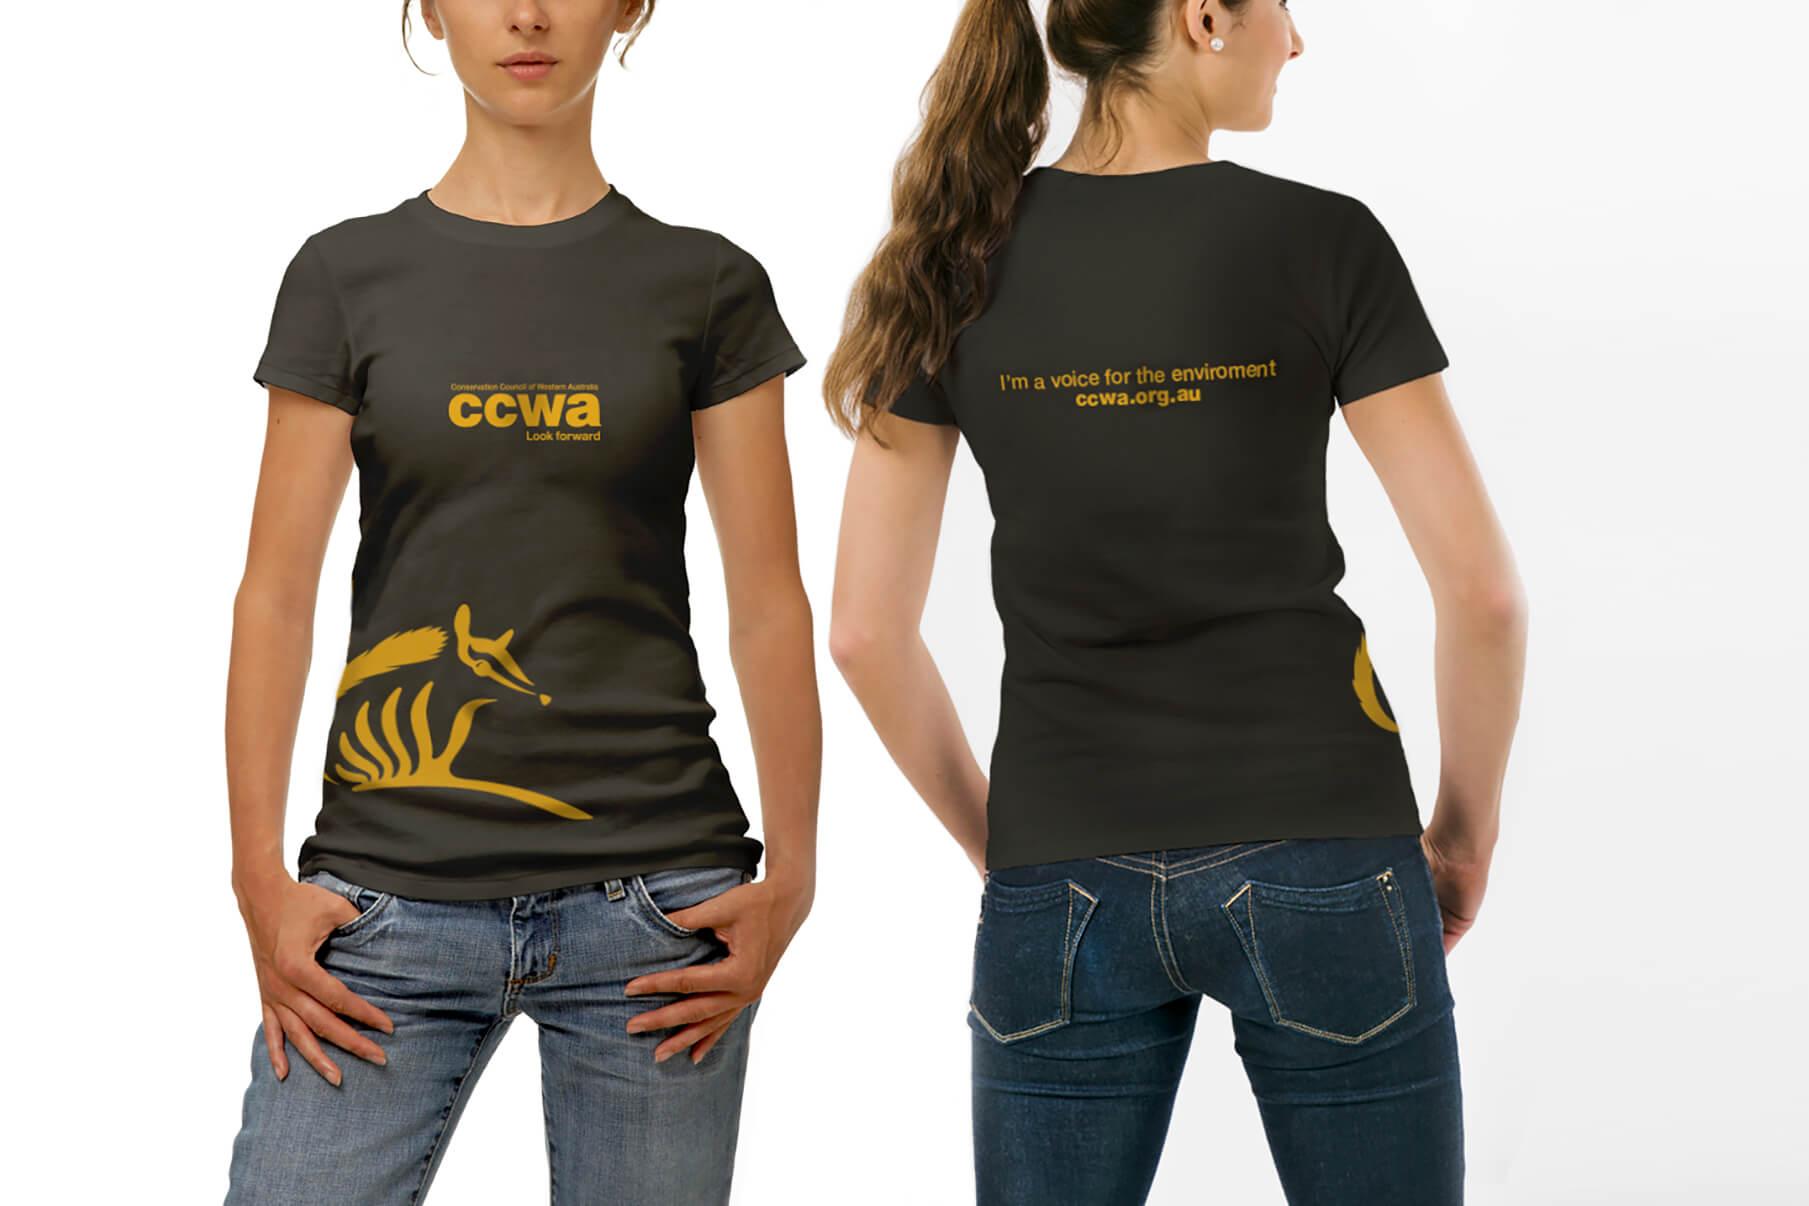 ccwa-t-shirt